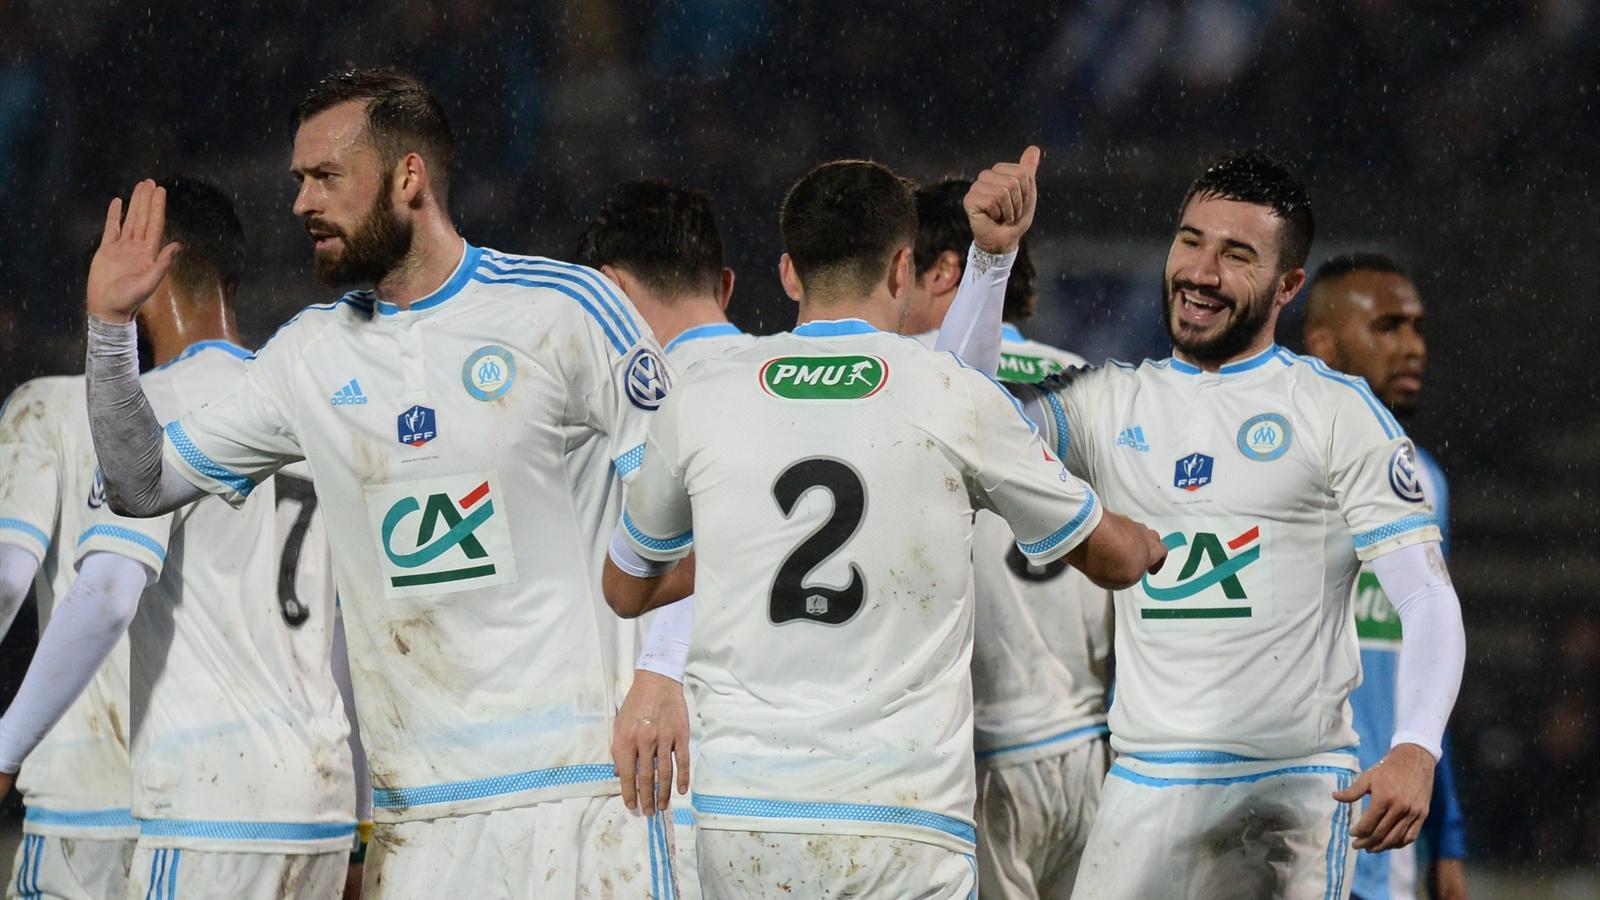 Coupe de france suivez en direct vid o les quarts de - 32eme de finale coupe de france en direct ...